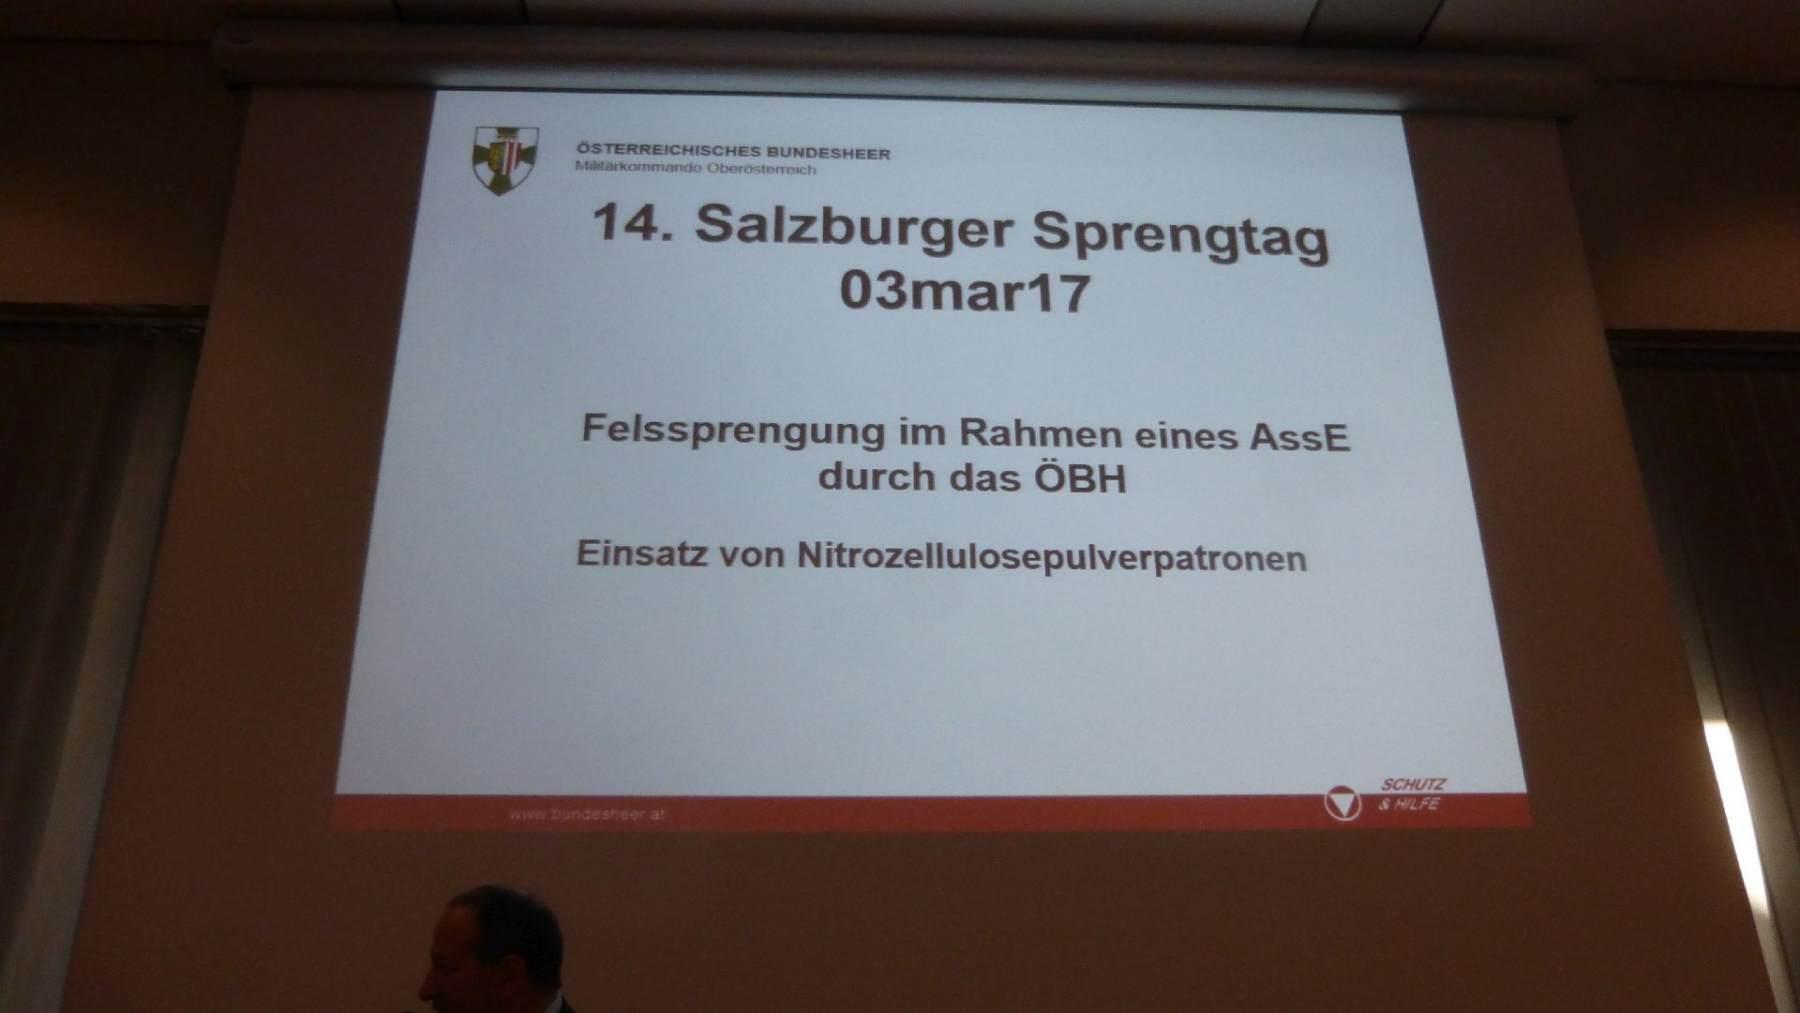 2017-03-03_sprengtag_salzburg_097_32419153704_o